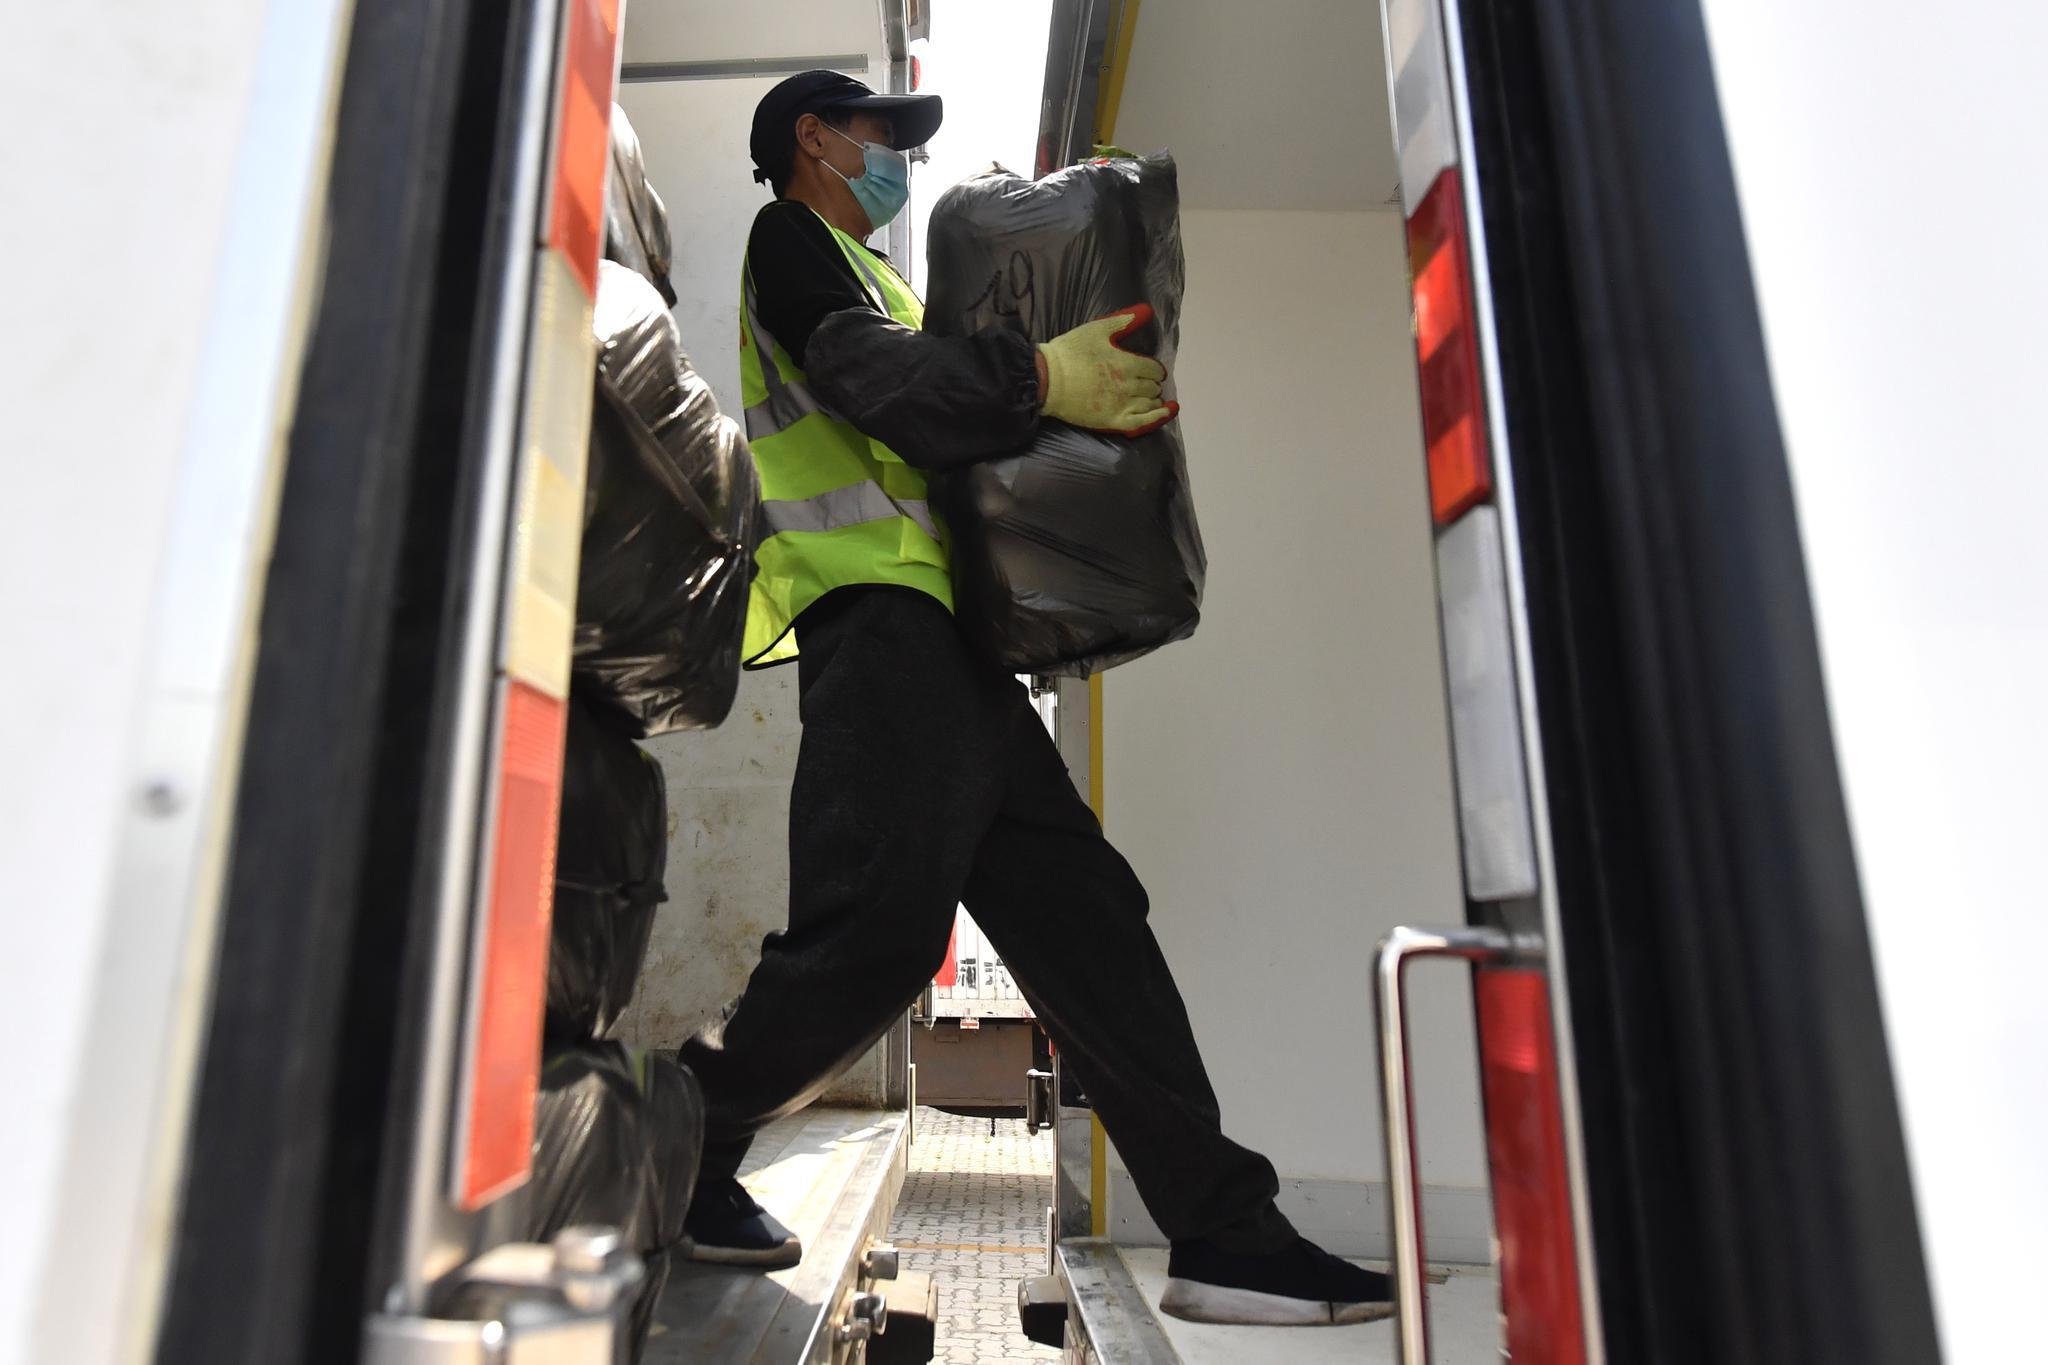 工作人员正在进行蔬菜装卸。摄影/新京报记者 吴宁